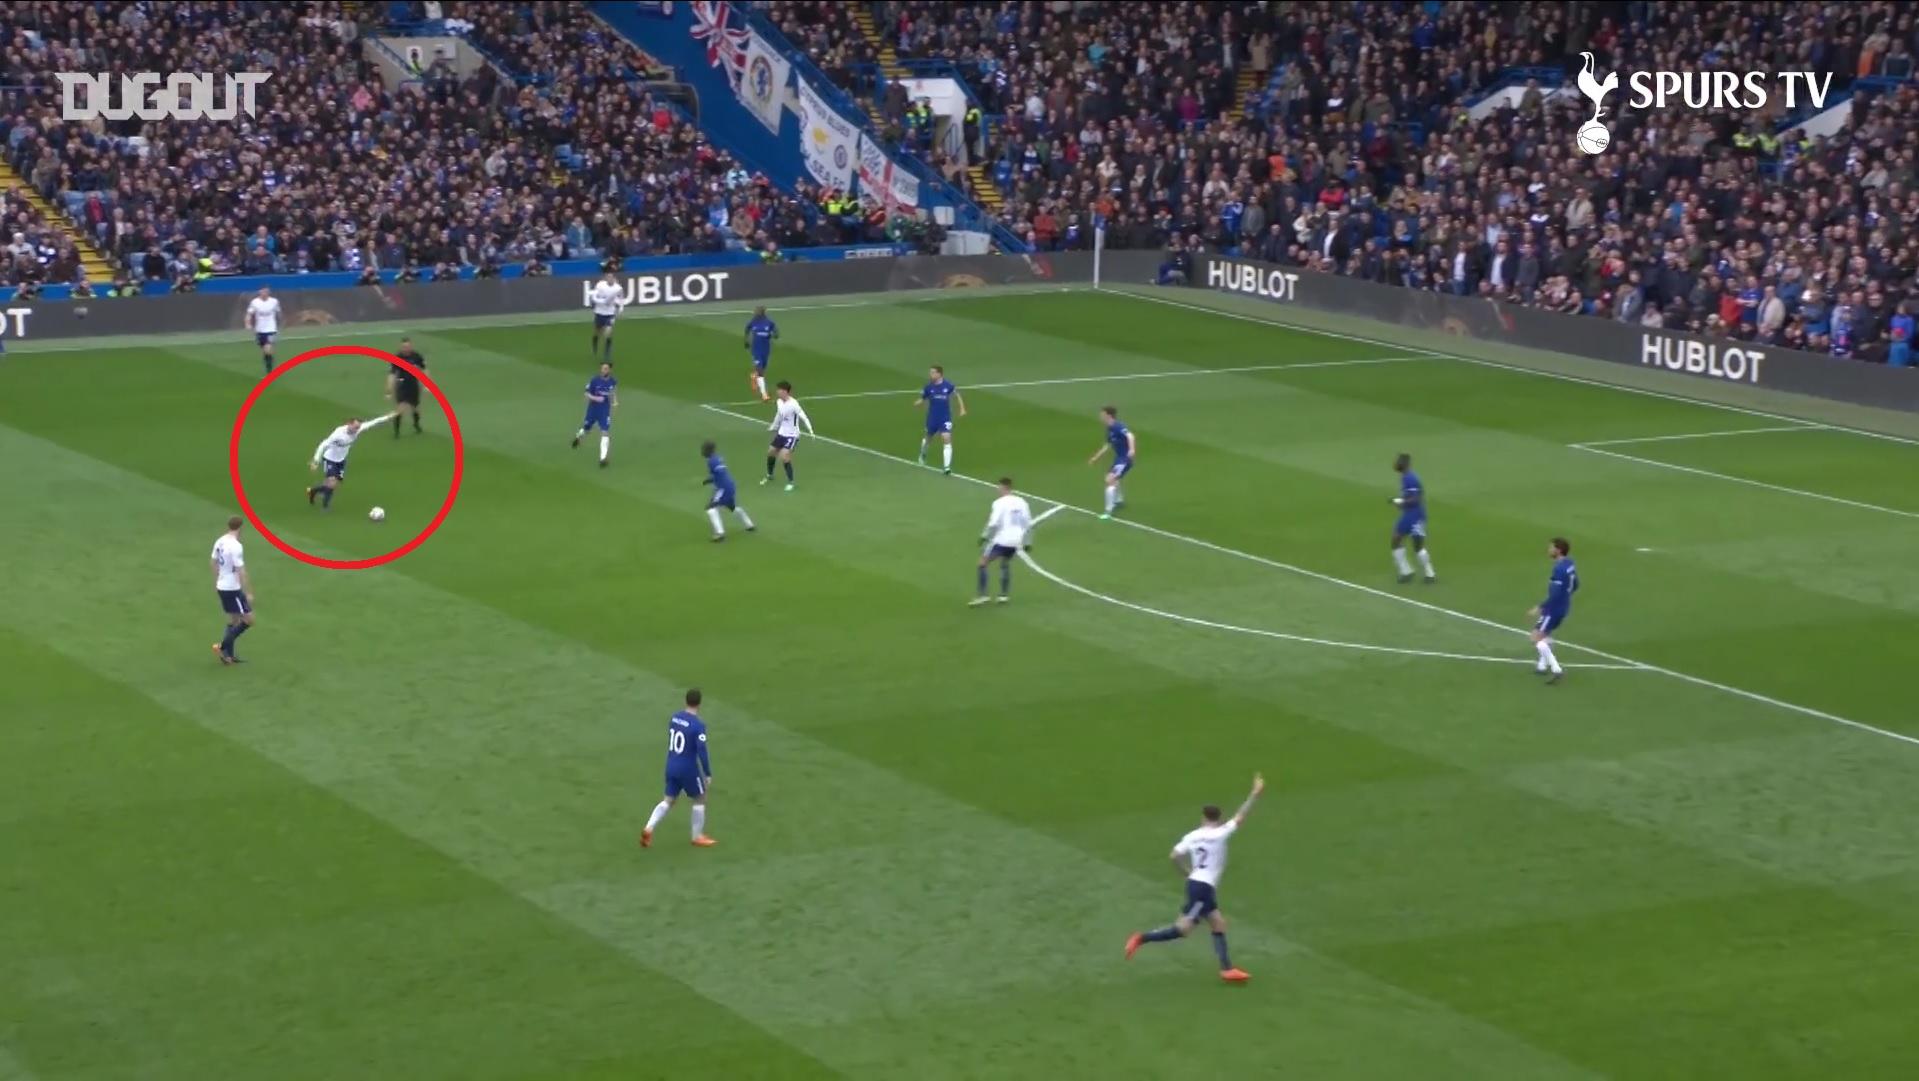 J-1 Chelsea-Tottenham : le missile d'Eriksen avec les Spurs en 2018